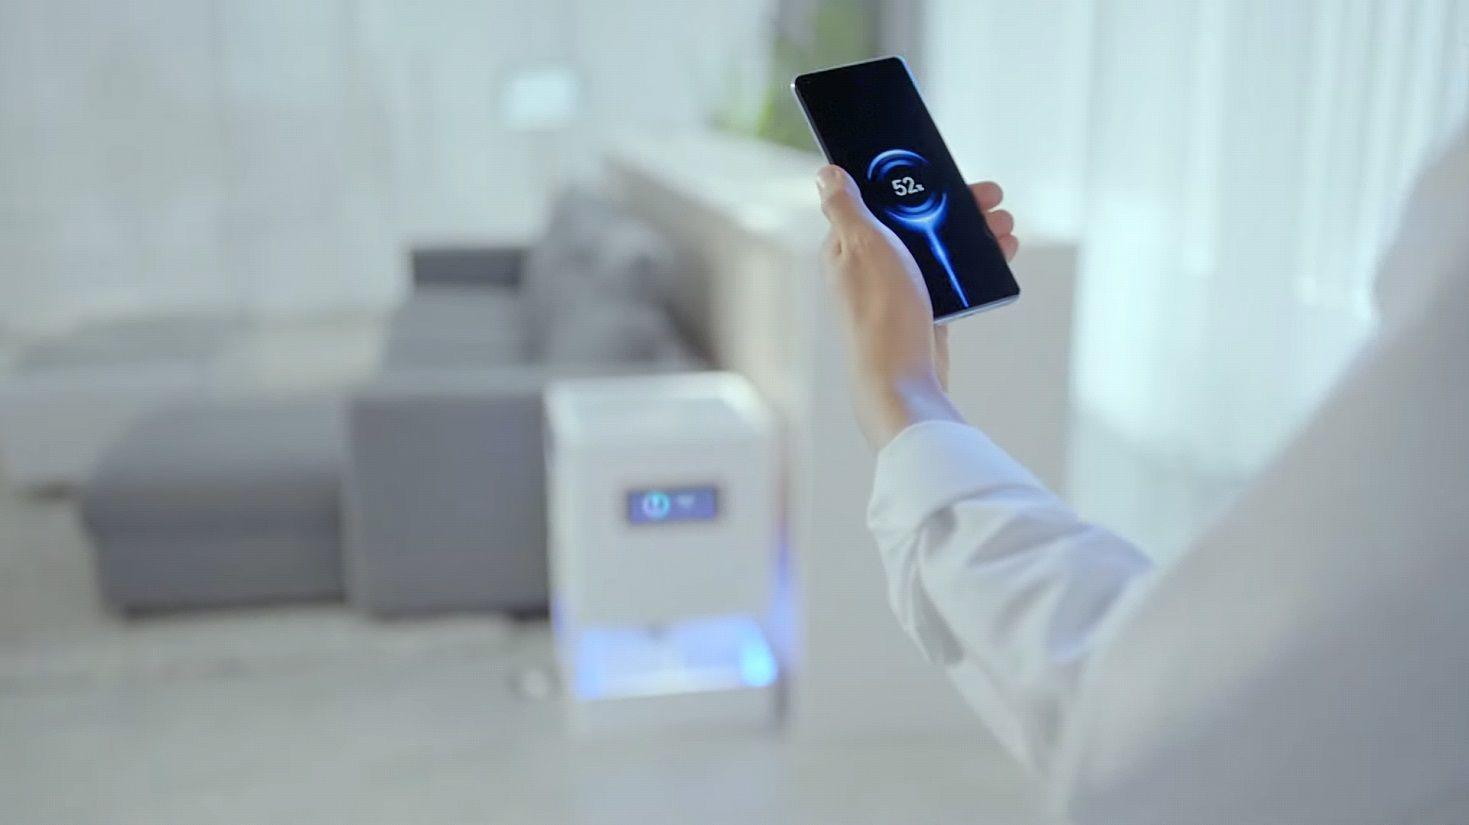 Представлена технология по-настоящему беспроводной зарядки мобильных устройств